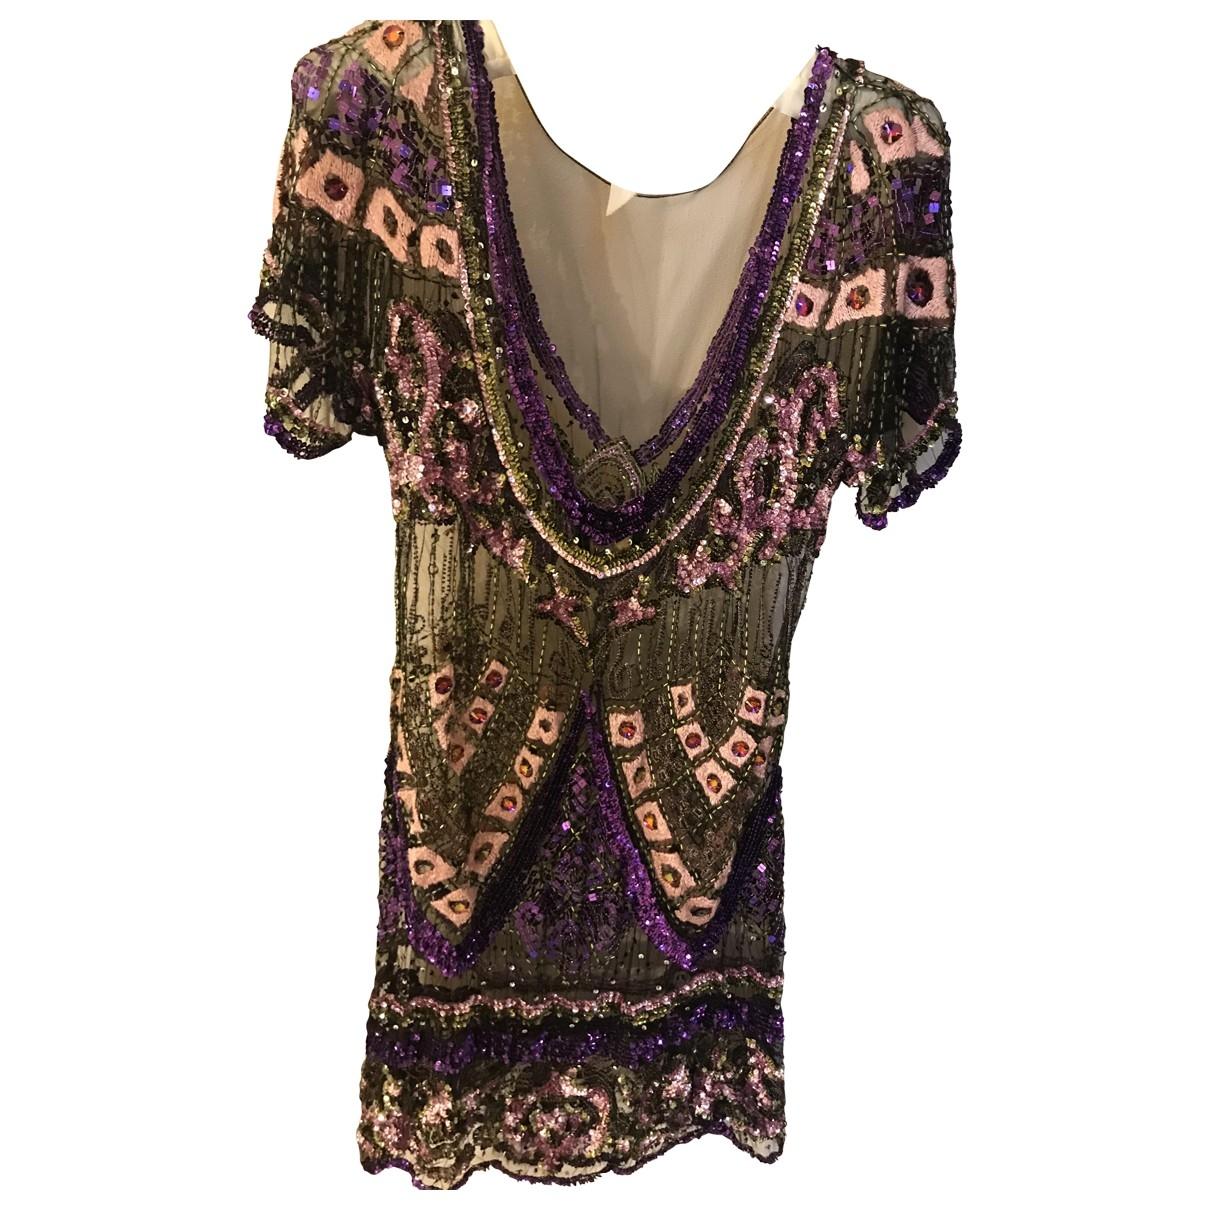 Just Cavalli \N Kleid in  Bunt Mit Pailletten